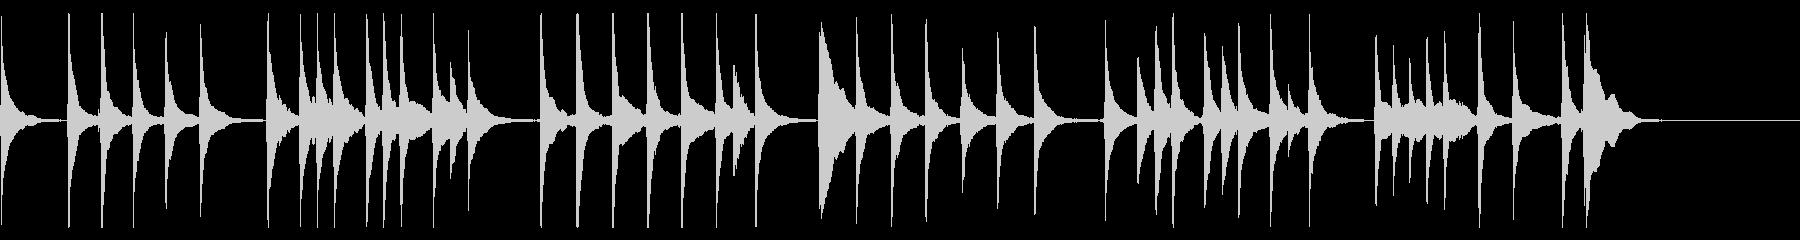 三味線の「かごめかごめ」の未再生の波形